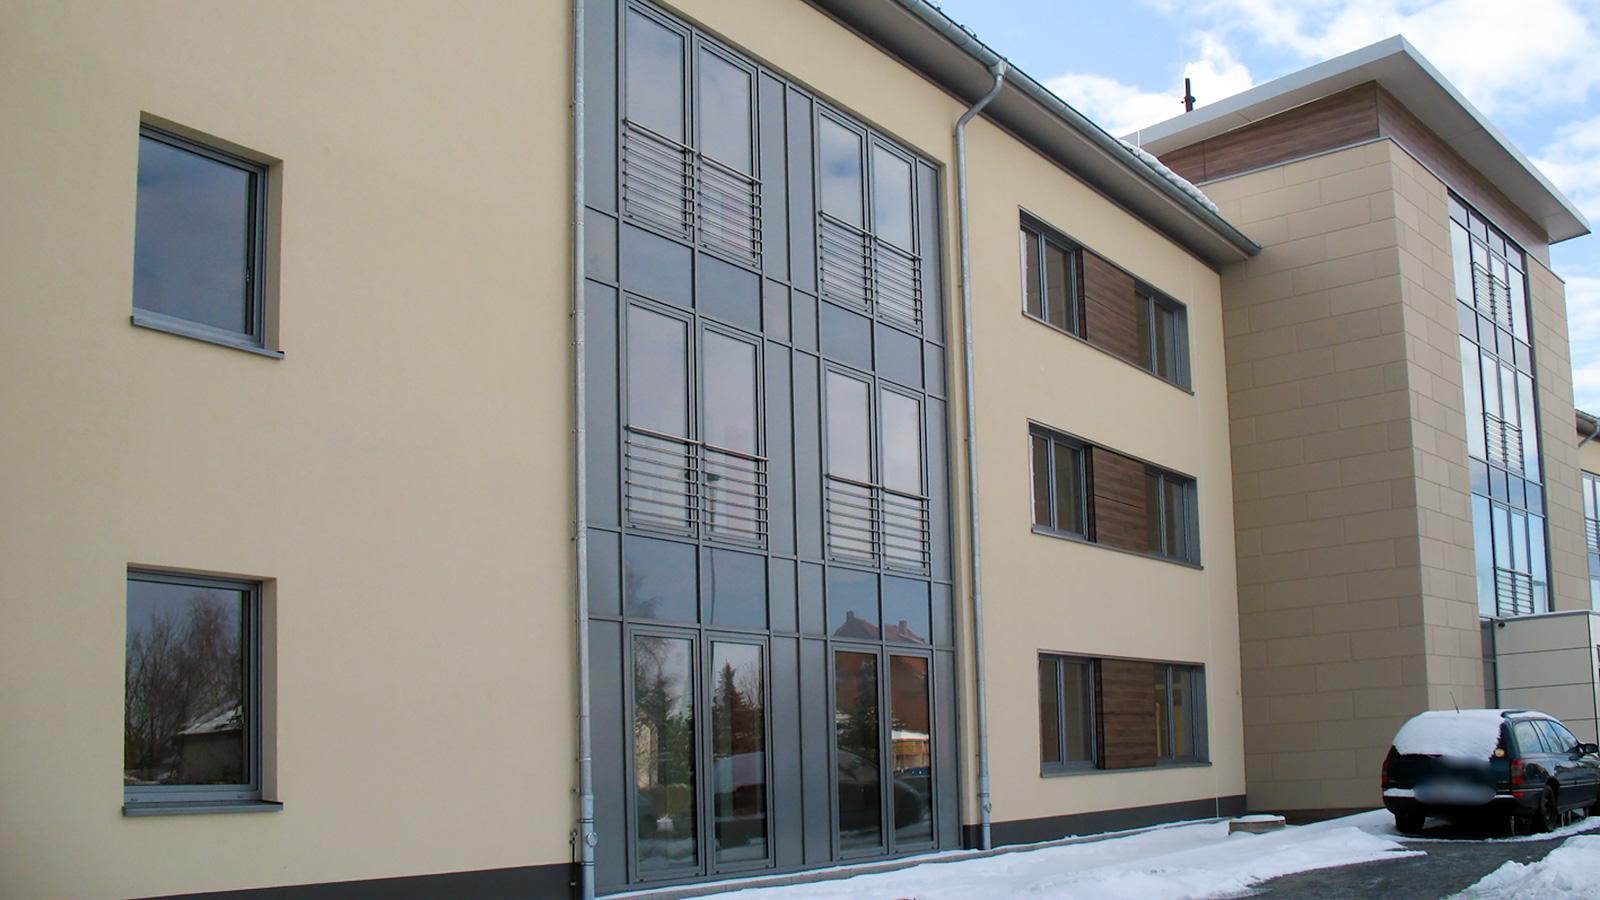 jung architekten gbg betreutes wohnen 004 jung architekturb ro innenarchitekturb ro hildesheim. Black Bedroom Furniture Sets. Home Design Ideas